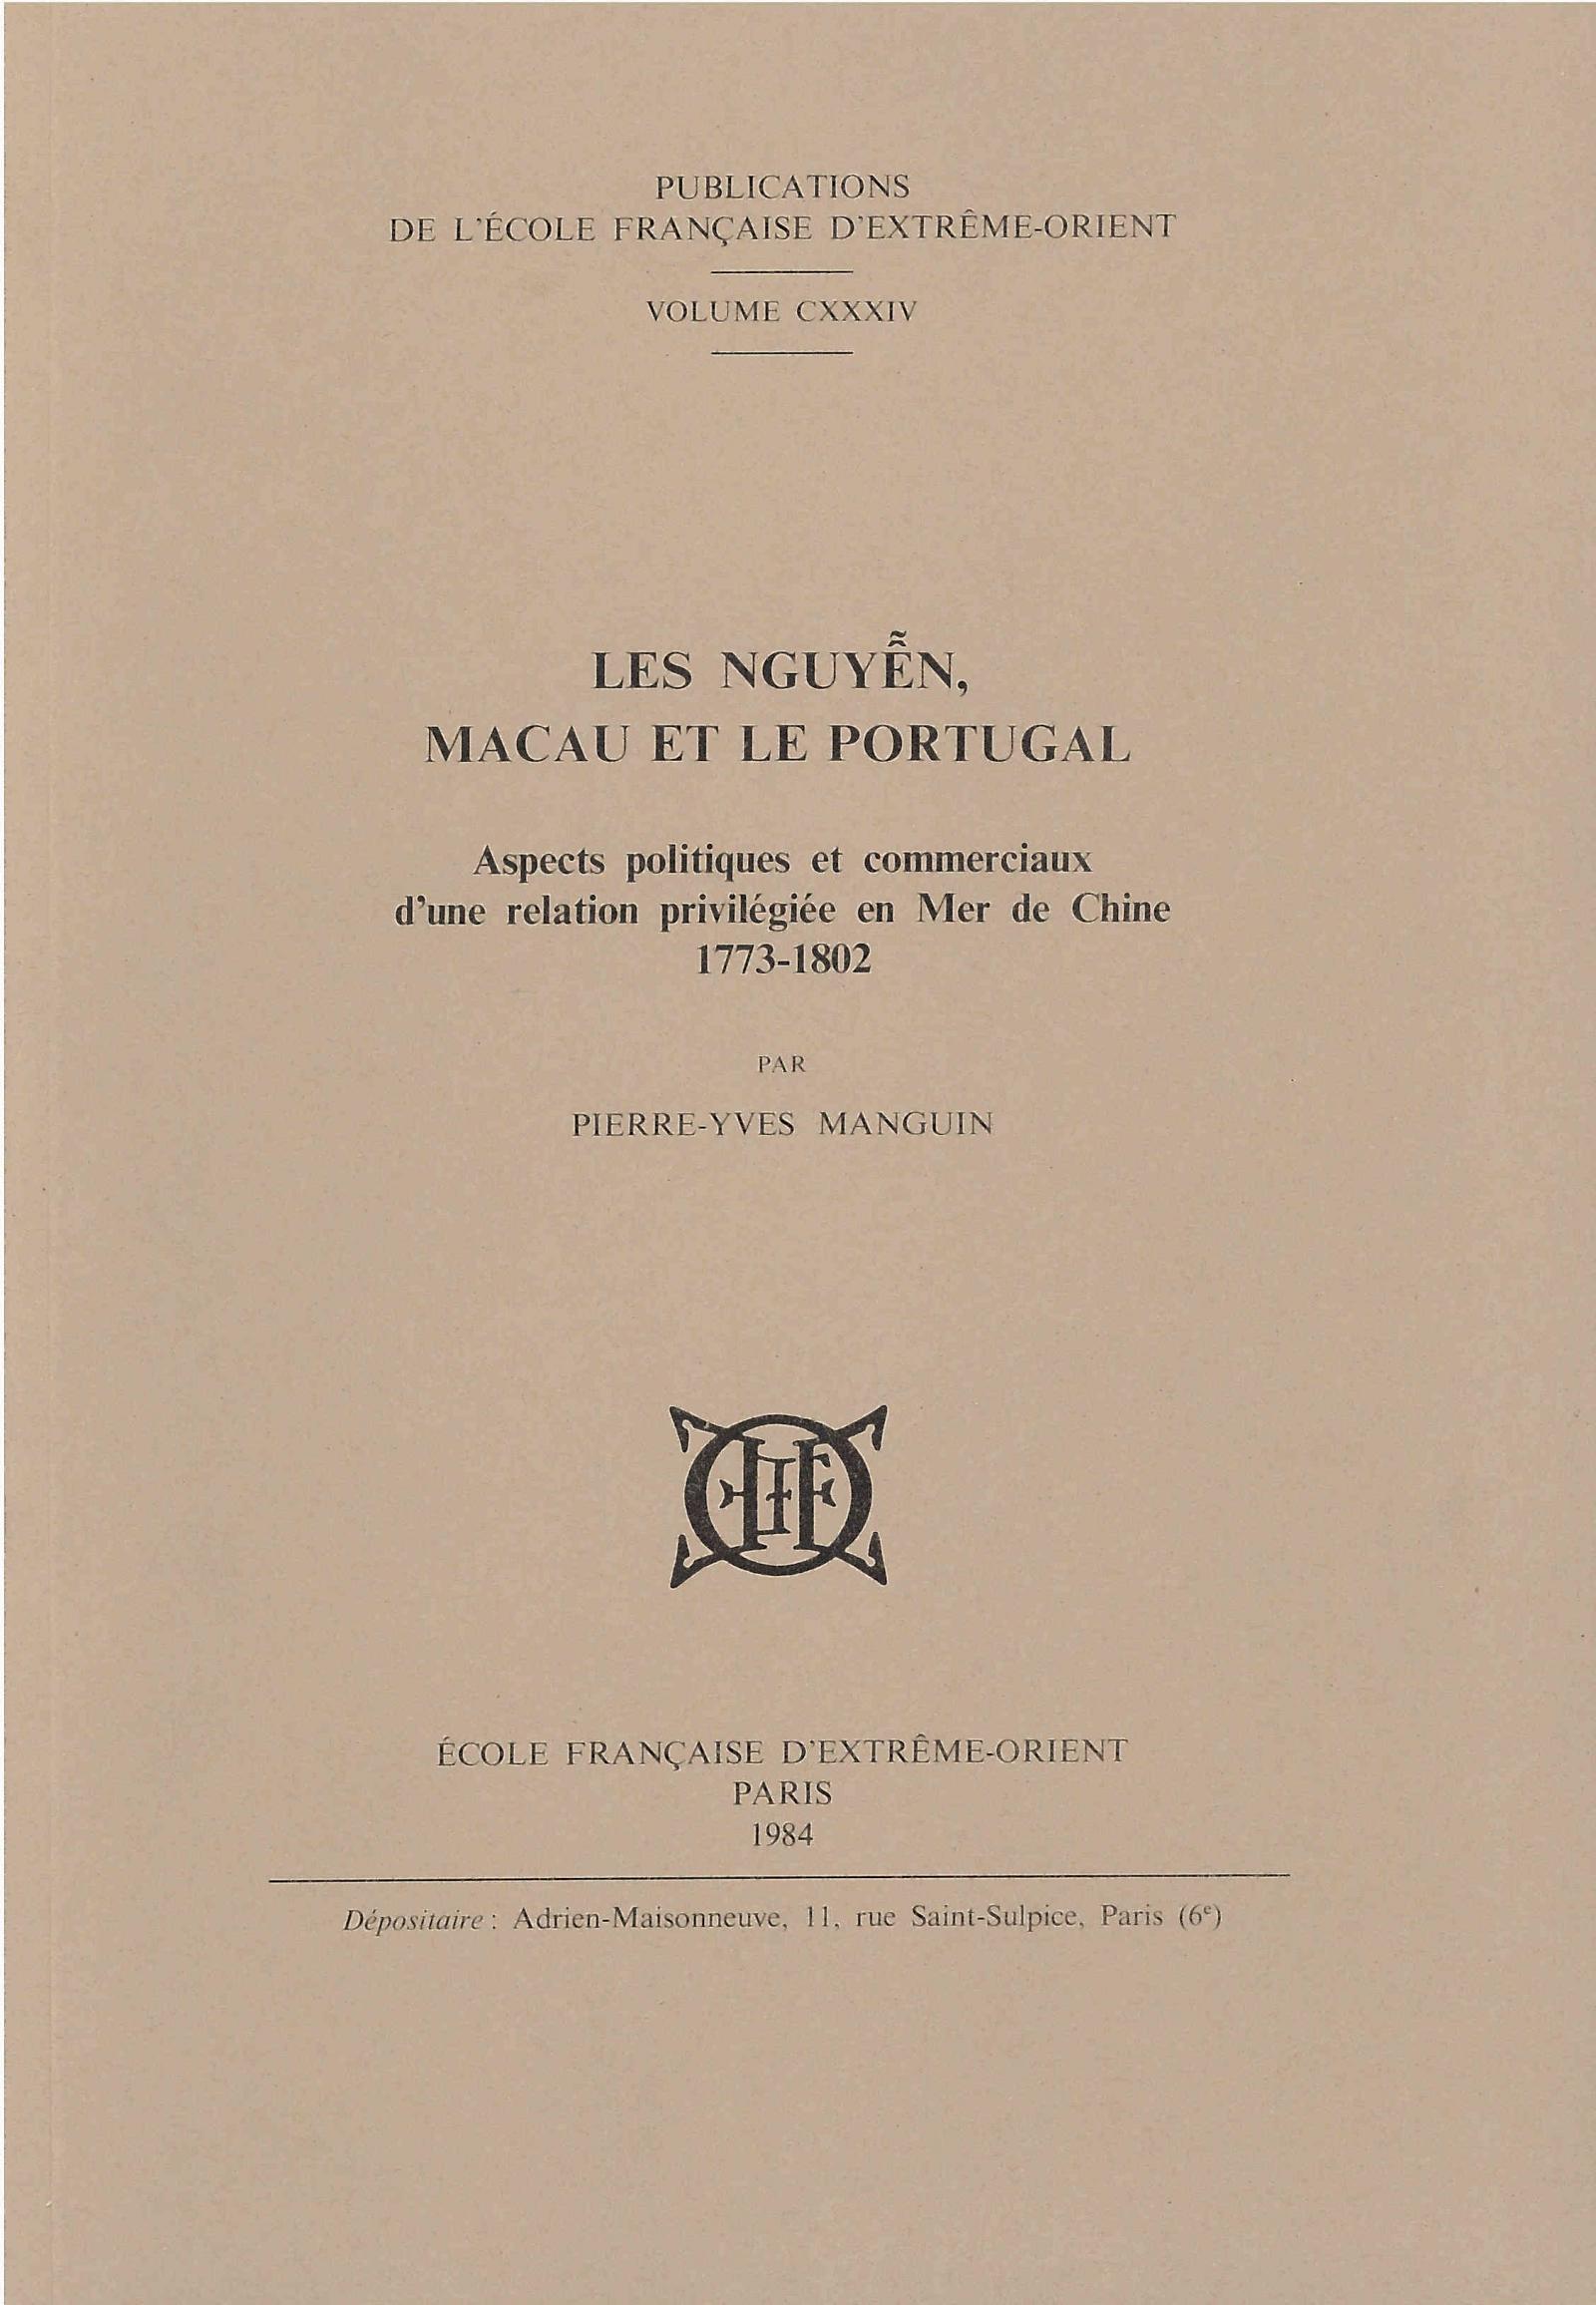 Les Nguyêñ, Macau et le Portugal : aspects politiques et commerciaux d'une relation privilégiée en Mer de Chine (1773-1802)